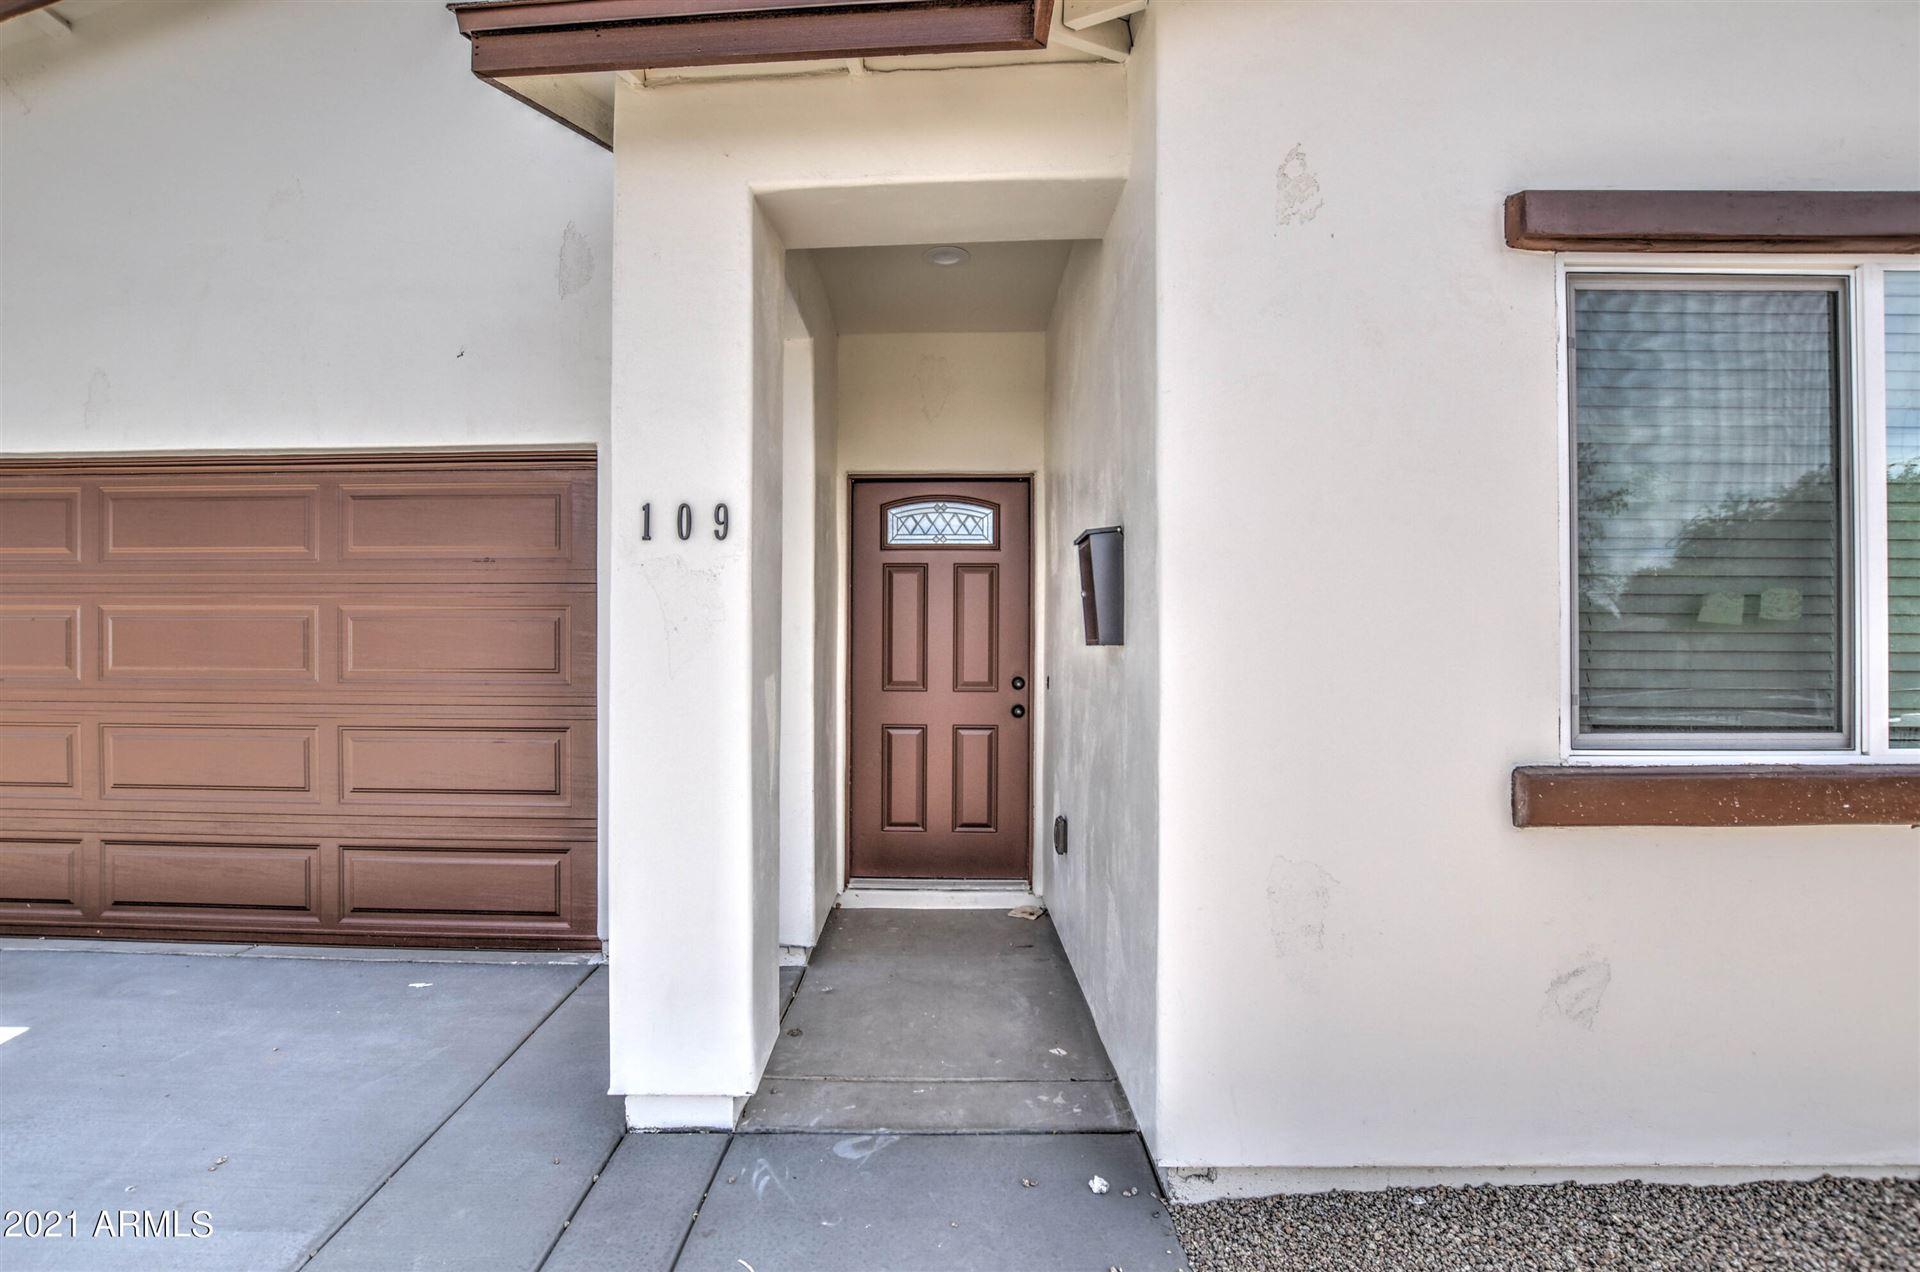 Photo of 109 E MOUNTAIN VIEW Drive, Avondale, AZ 85323 (MLS # 6249113)